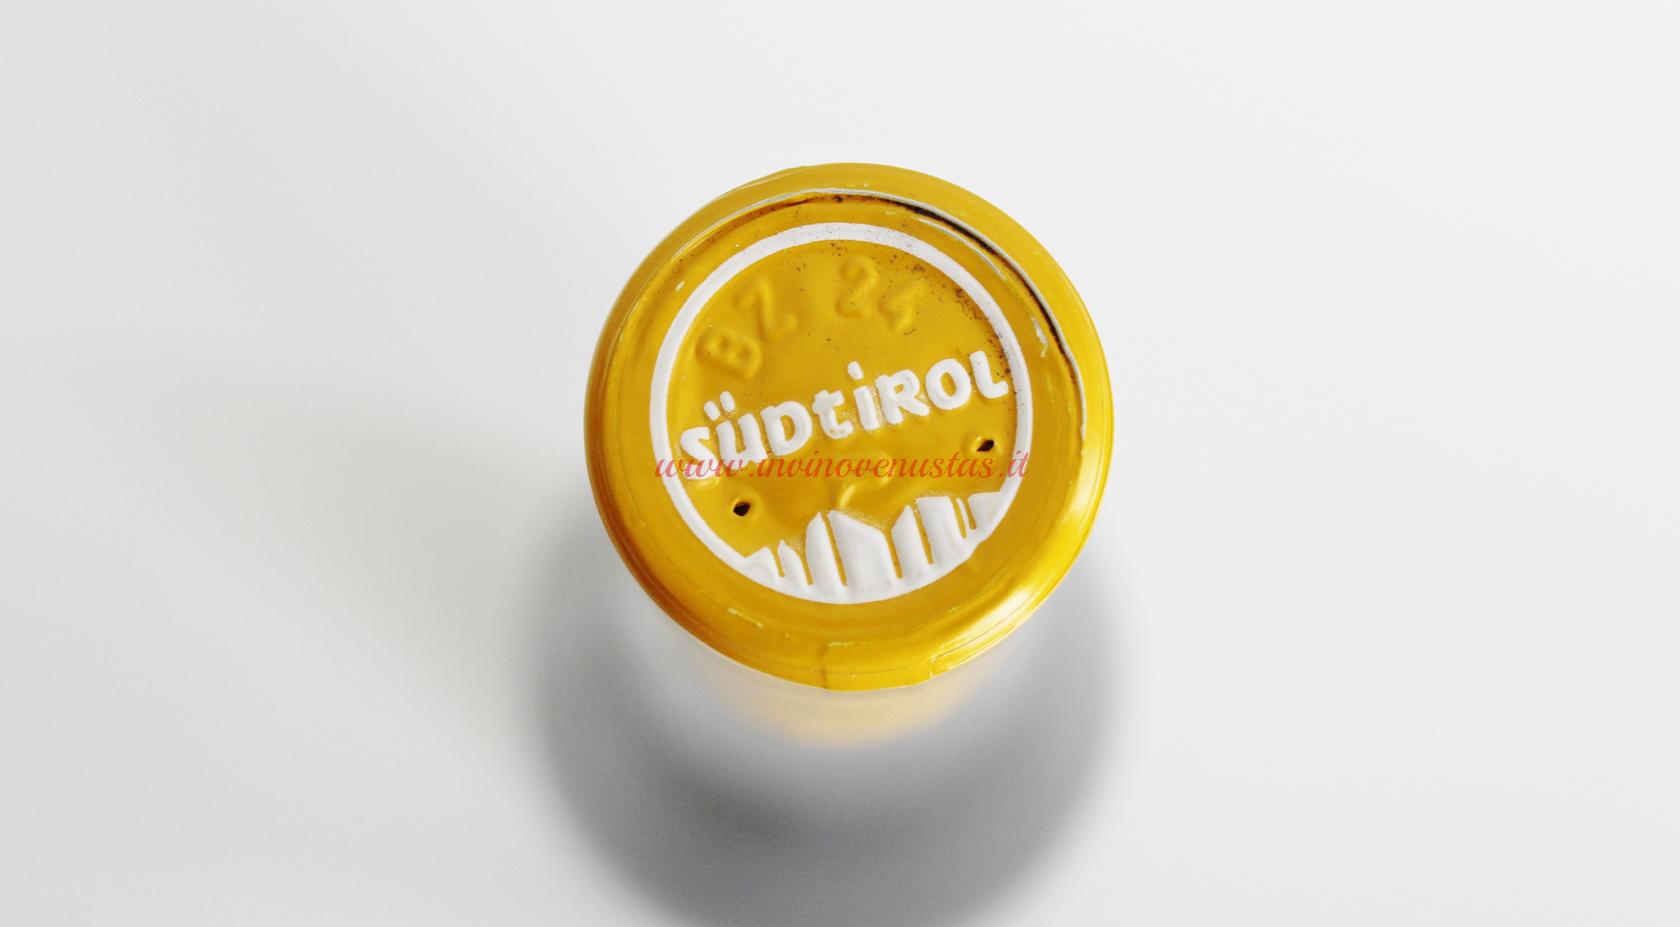 Dettaglio capsula Sudtirol